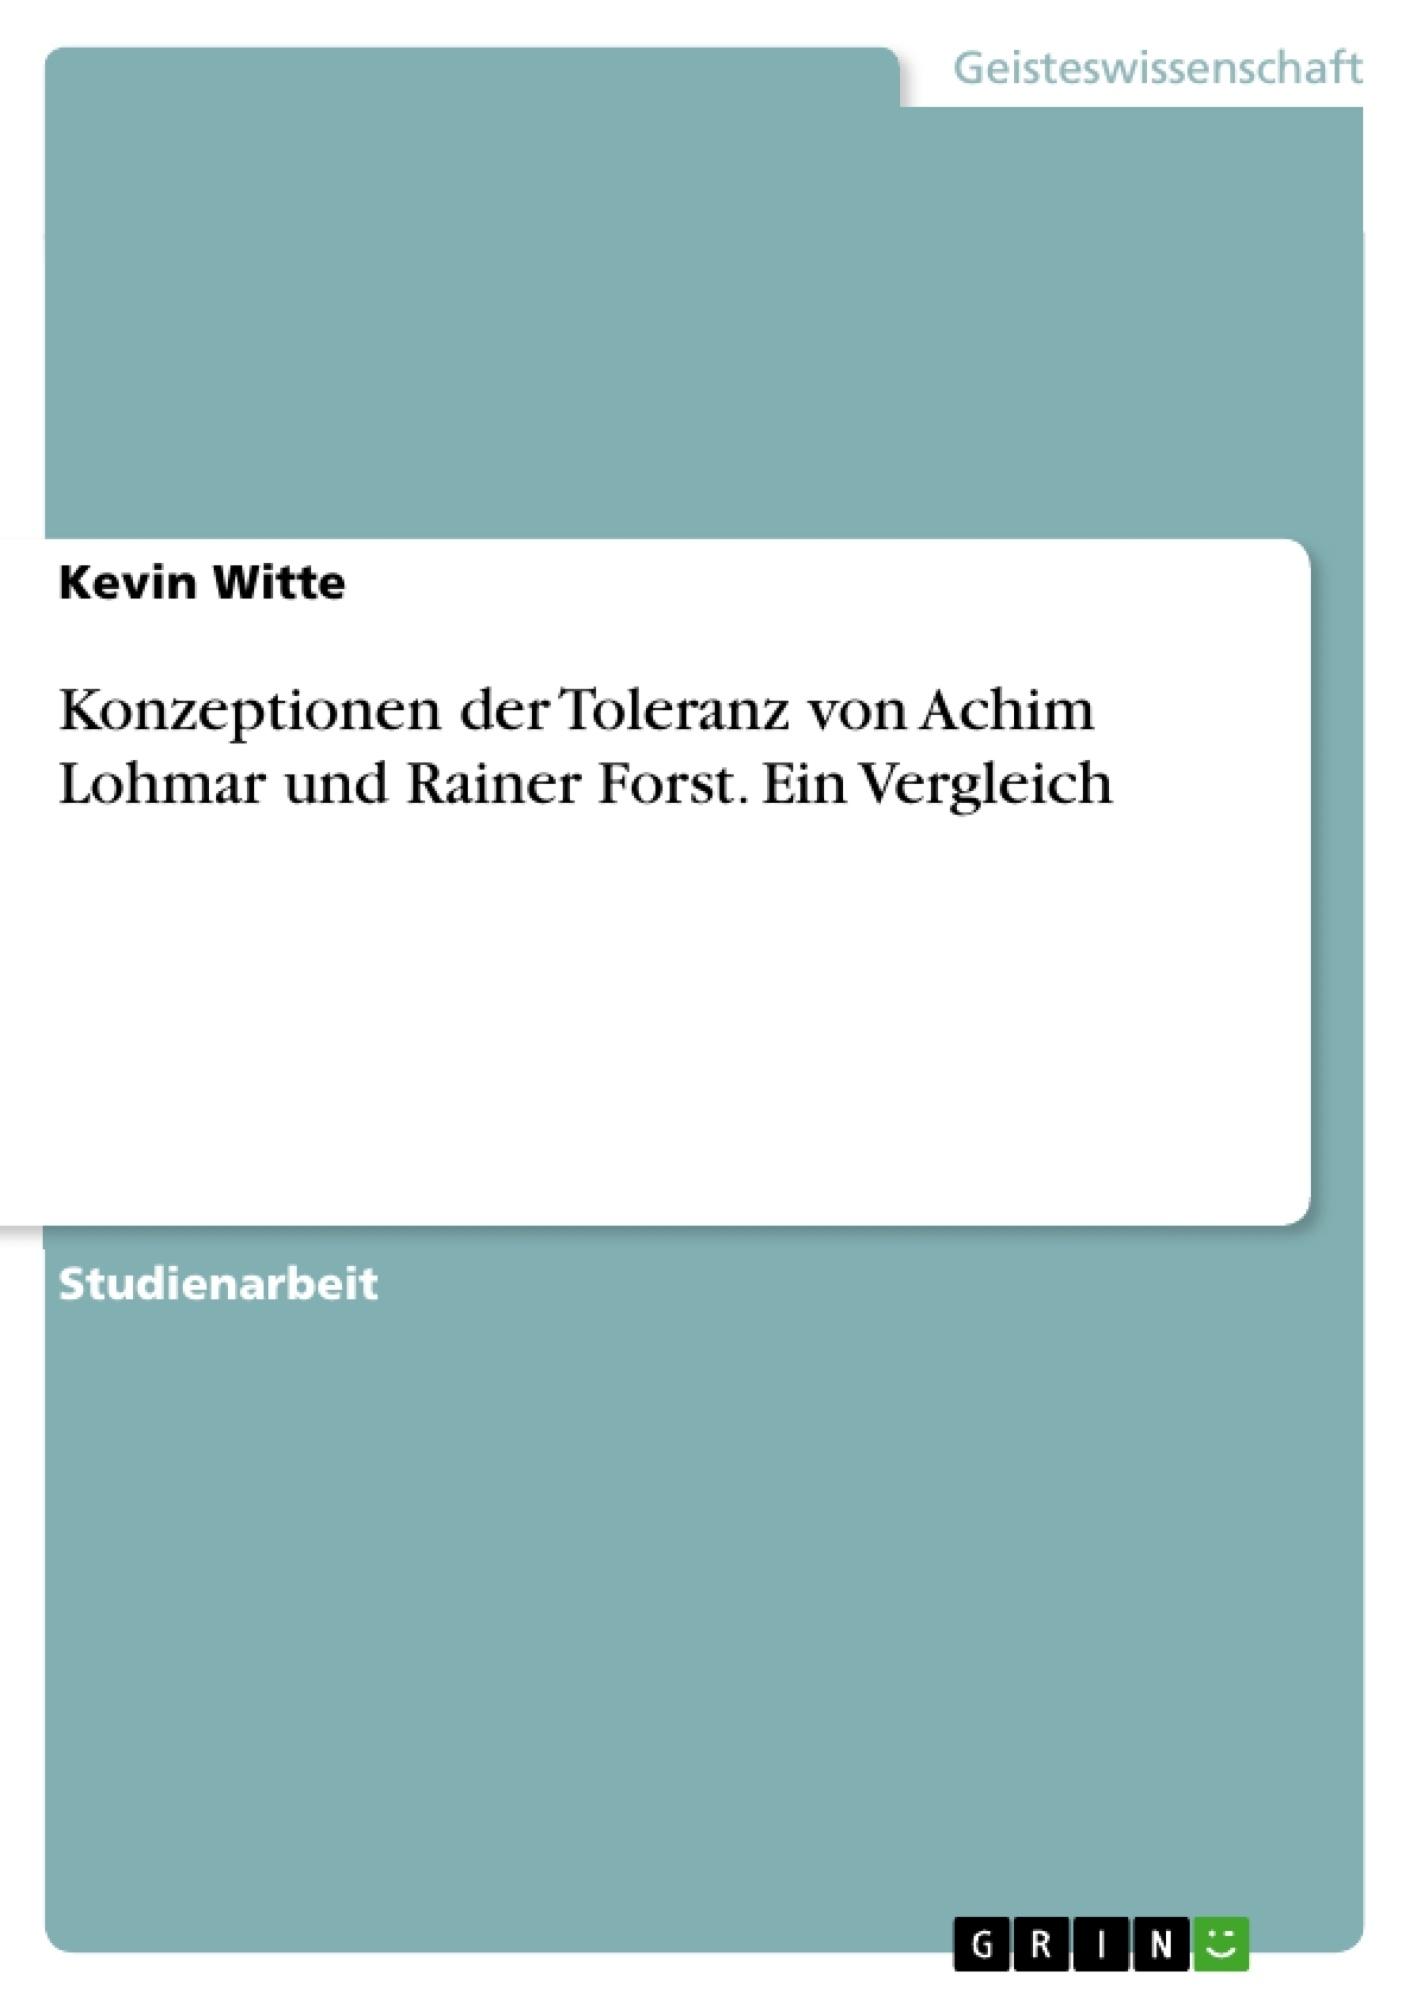 Titel: Konzeptionen der Toleranz von Achim Lohmar und Rainer Forst. Ein Vergleich